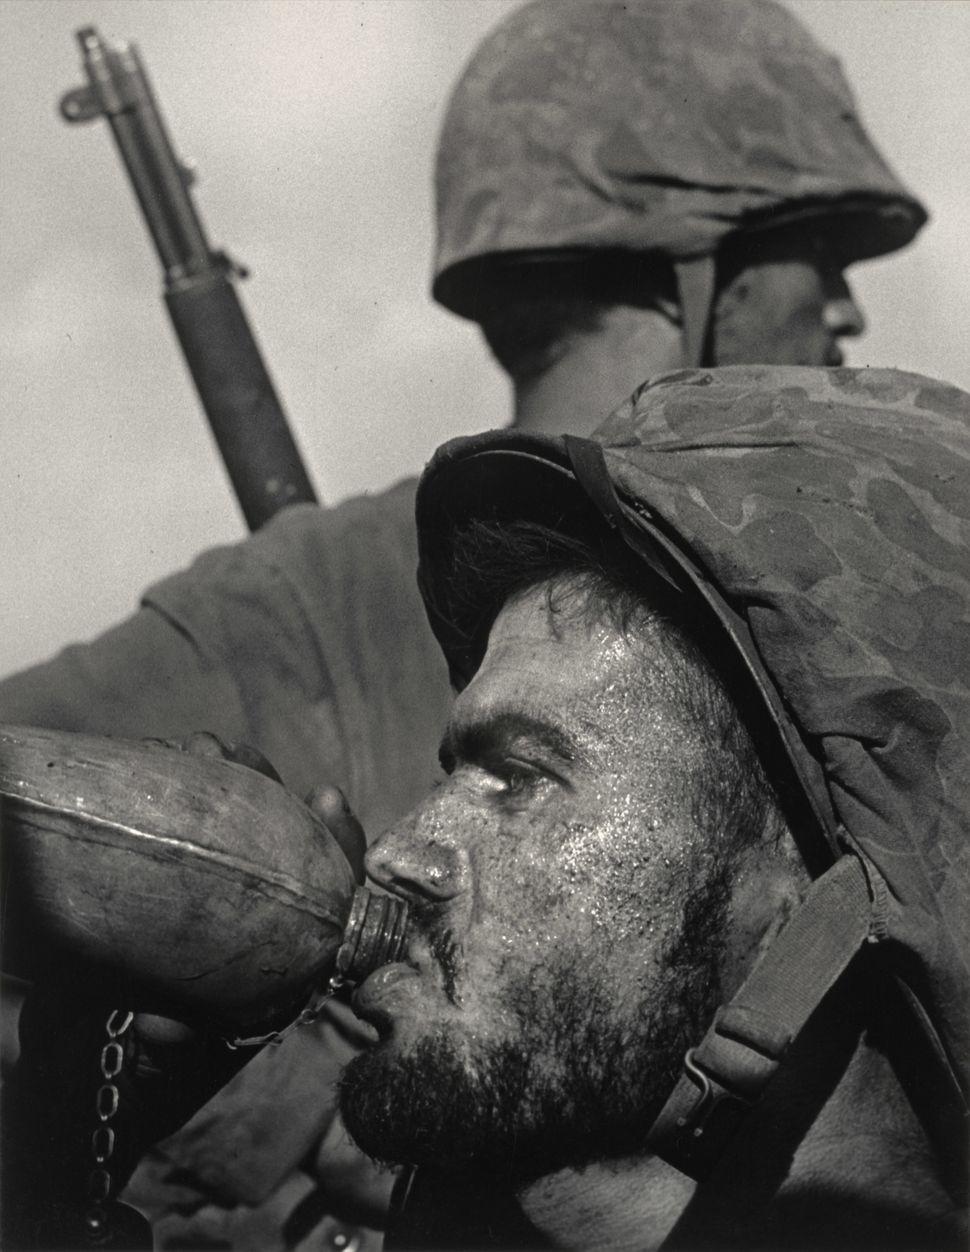 W. Eugene Smith, Aμερικάνος (1918–1978). Στρατιώτες στην πρώτη γραμμή του πολέμου, 1944